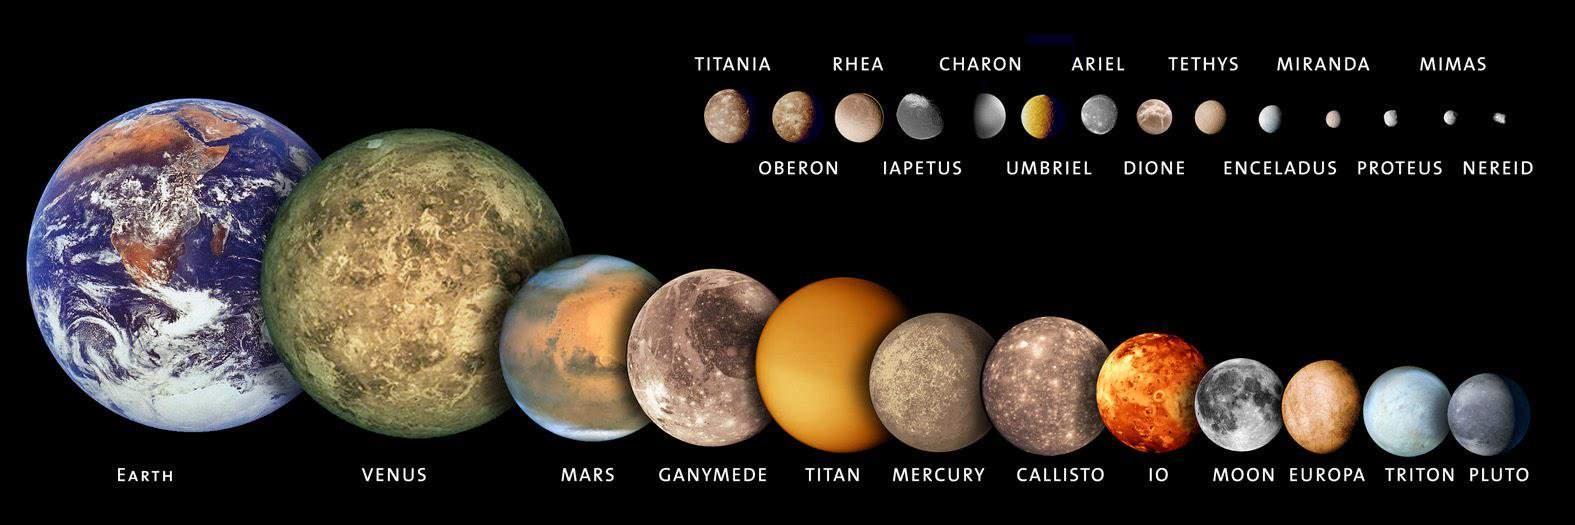 moons-solar-system.jpg